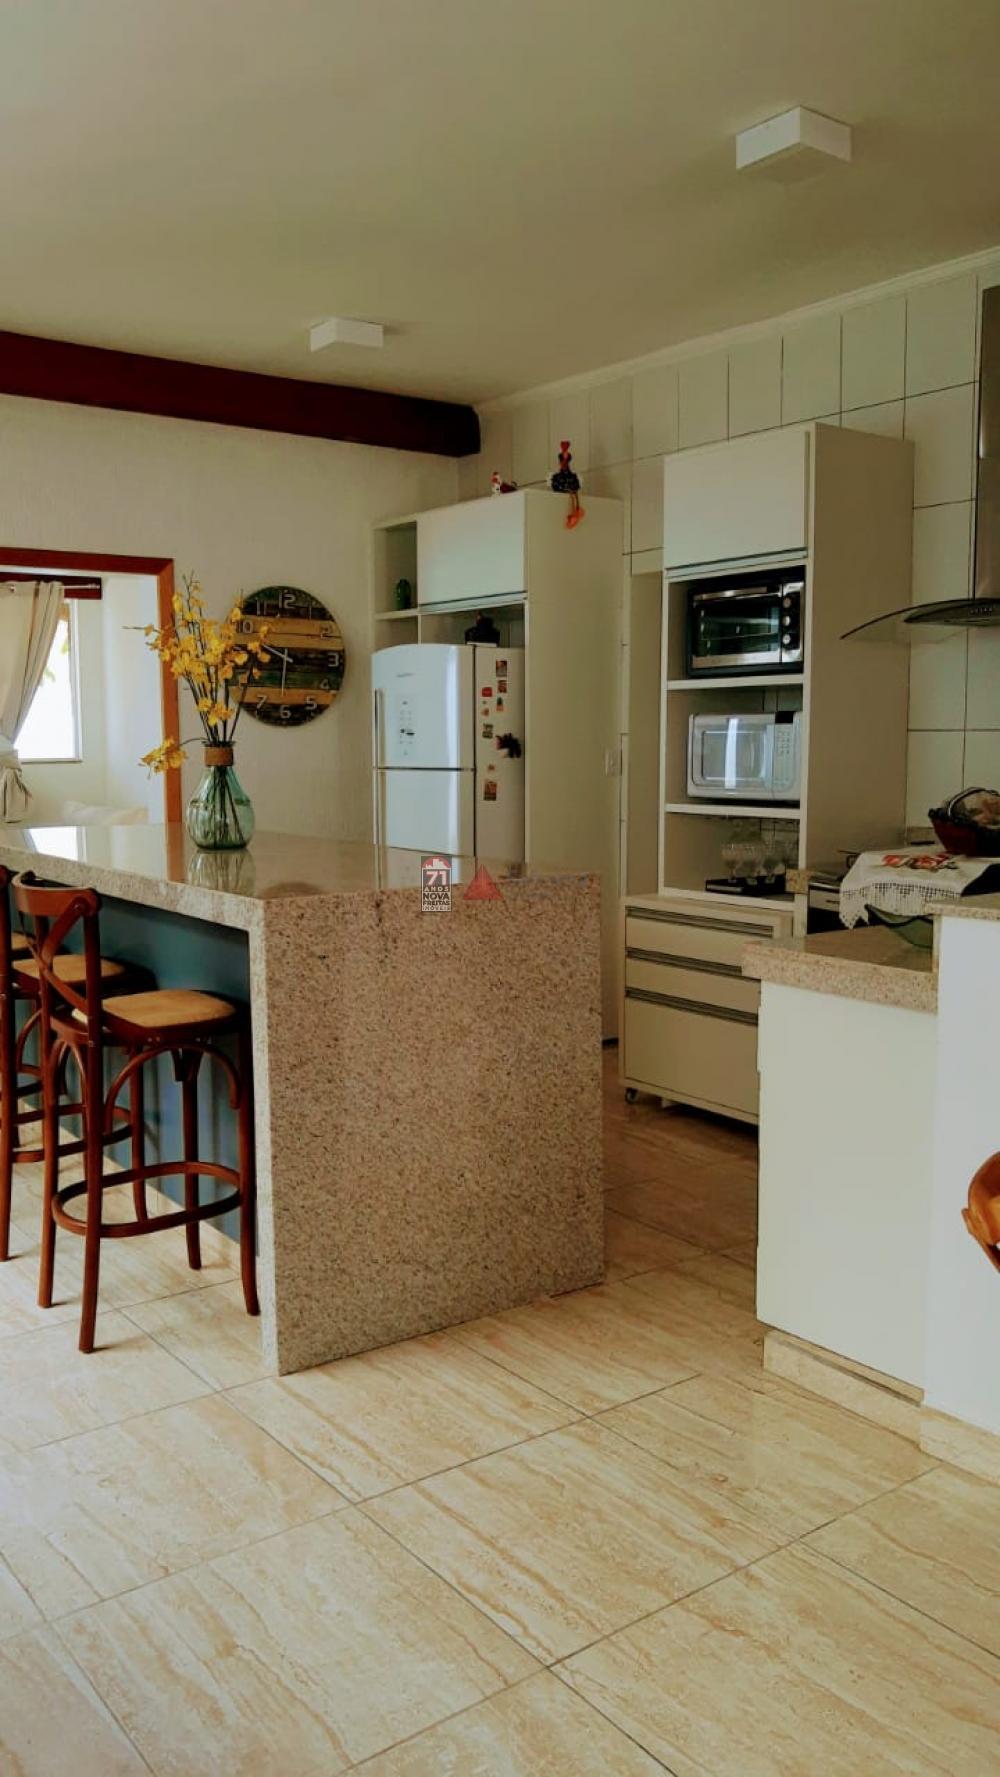 Comprar Casa / Sobrado em Caraguatatuba apenas R$ 1.600.000,00 - Foto 9